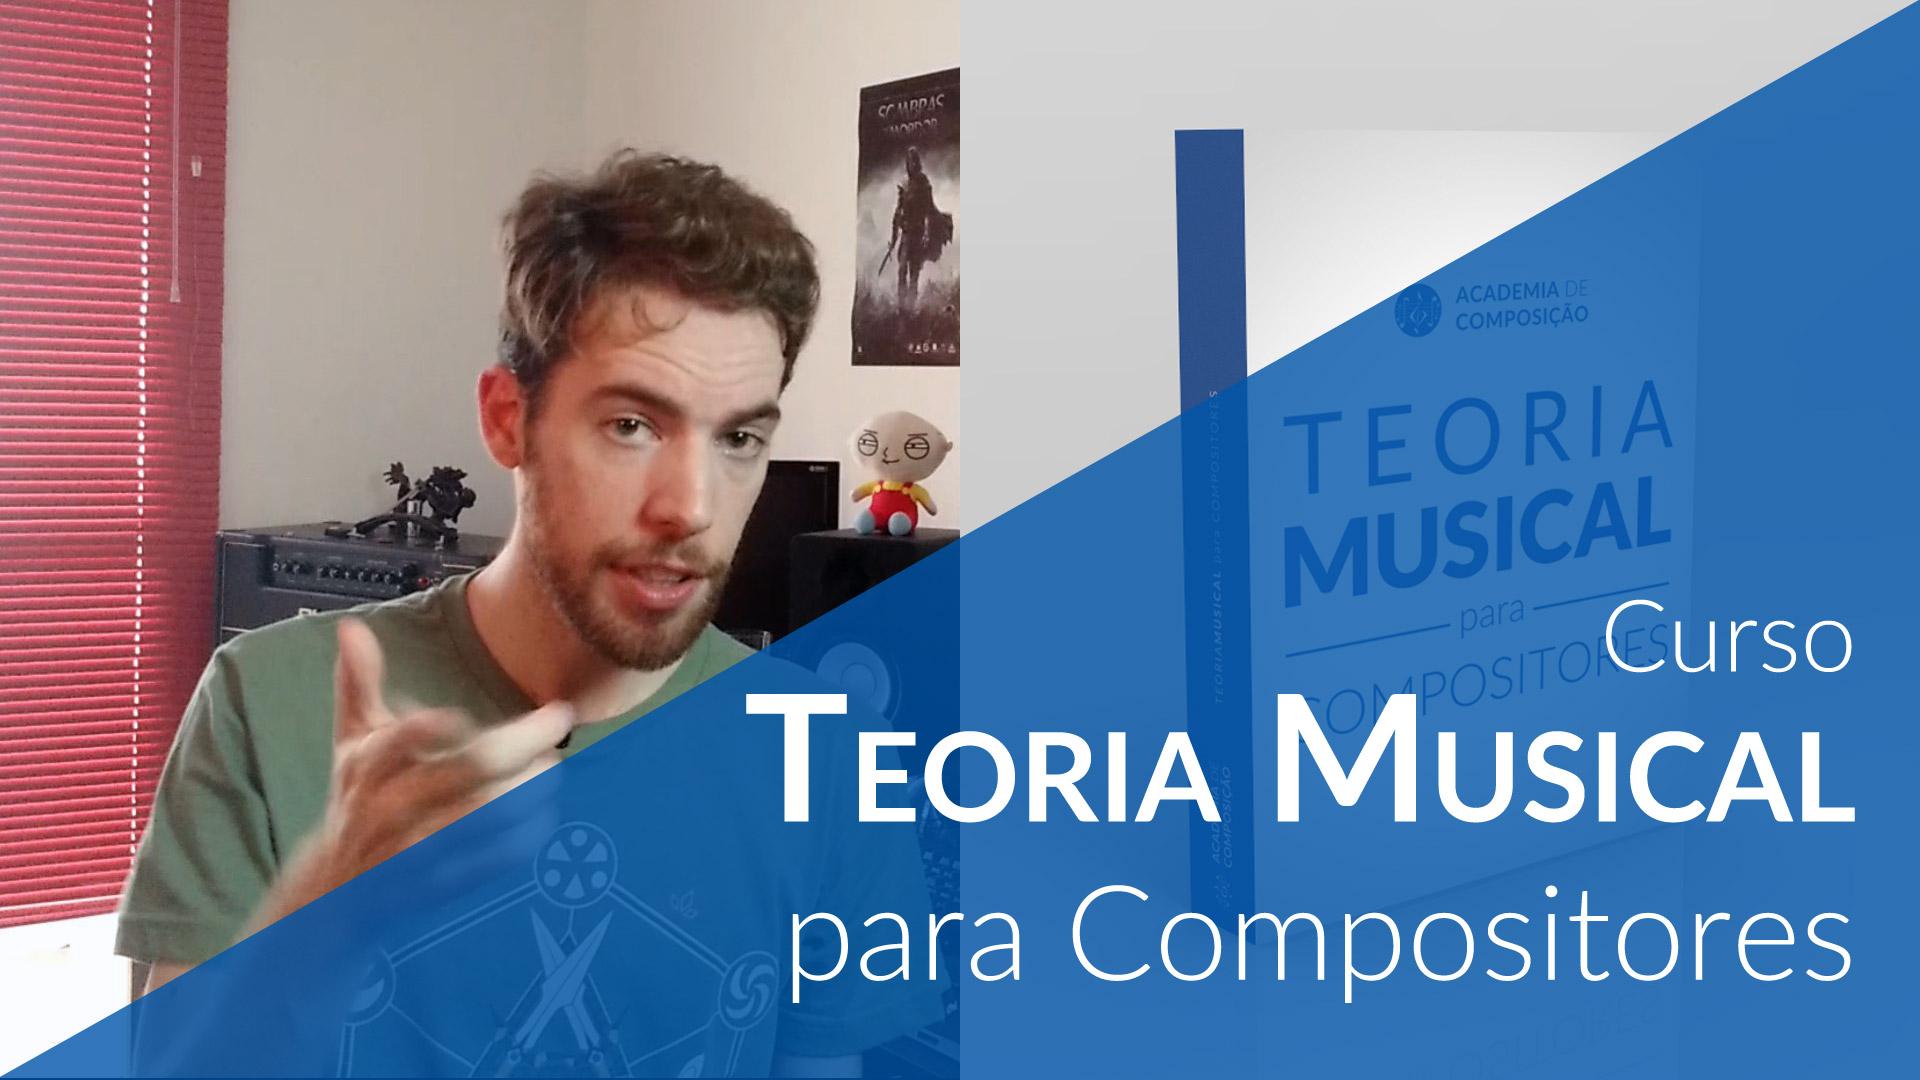 Curso Teoria Musical para Compositores